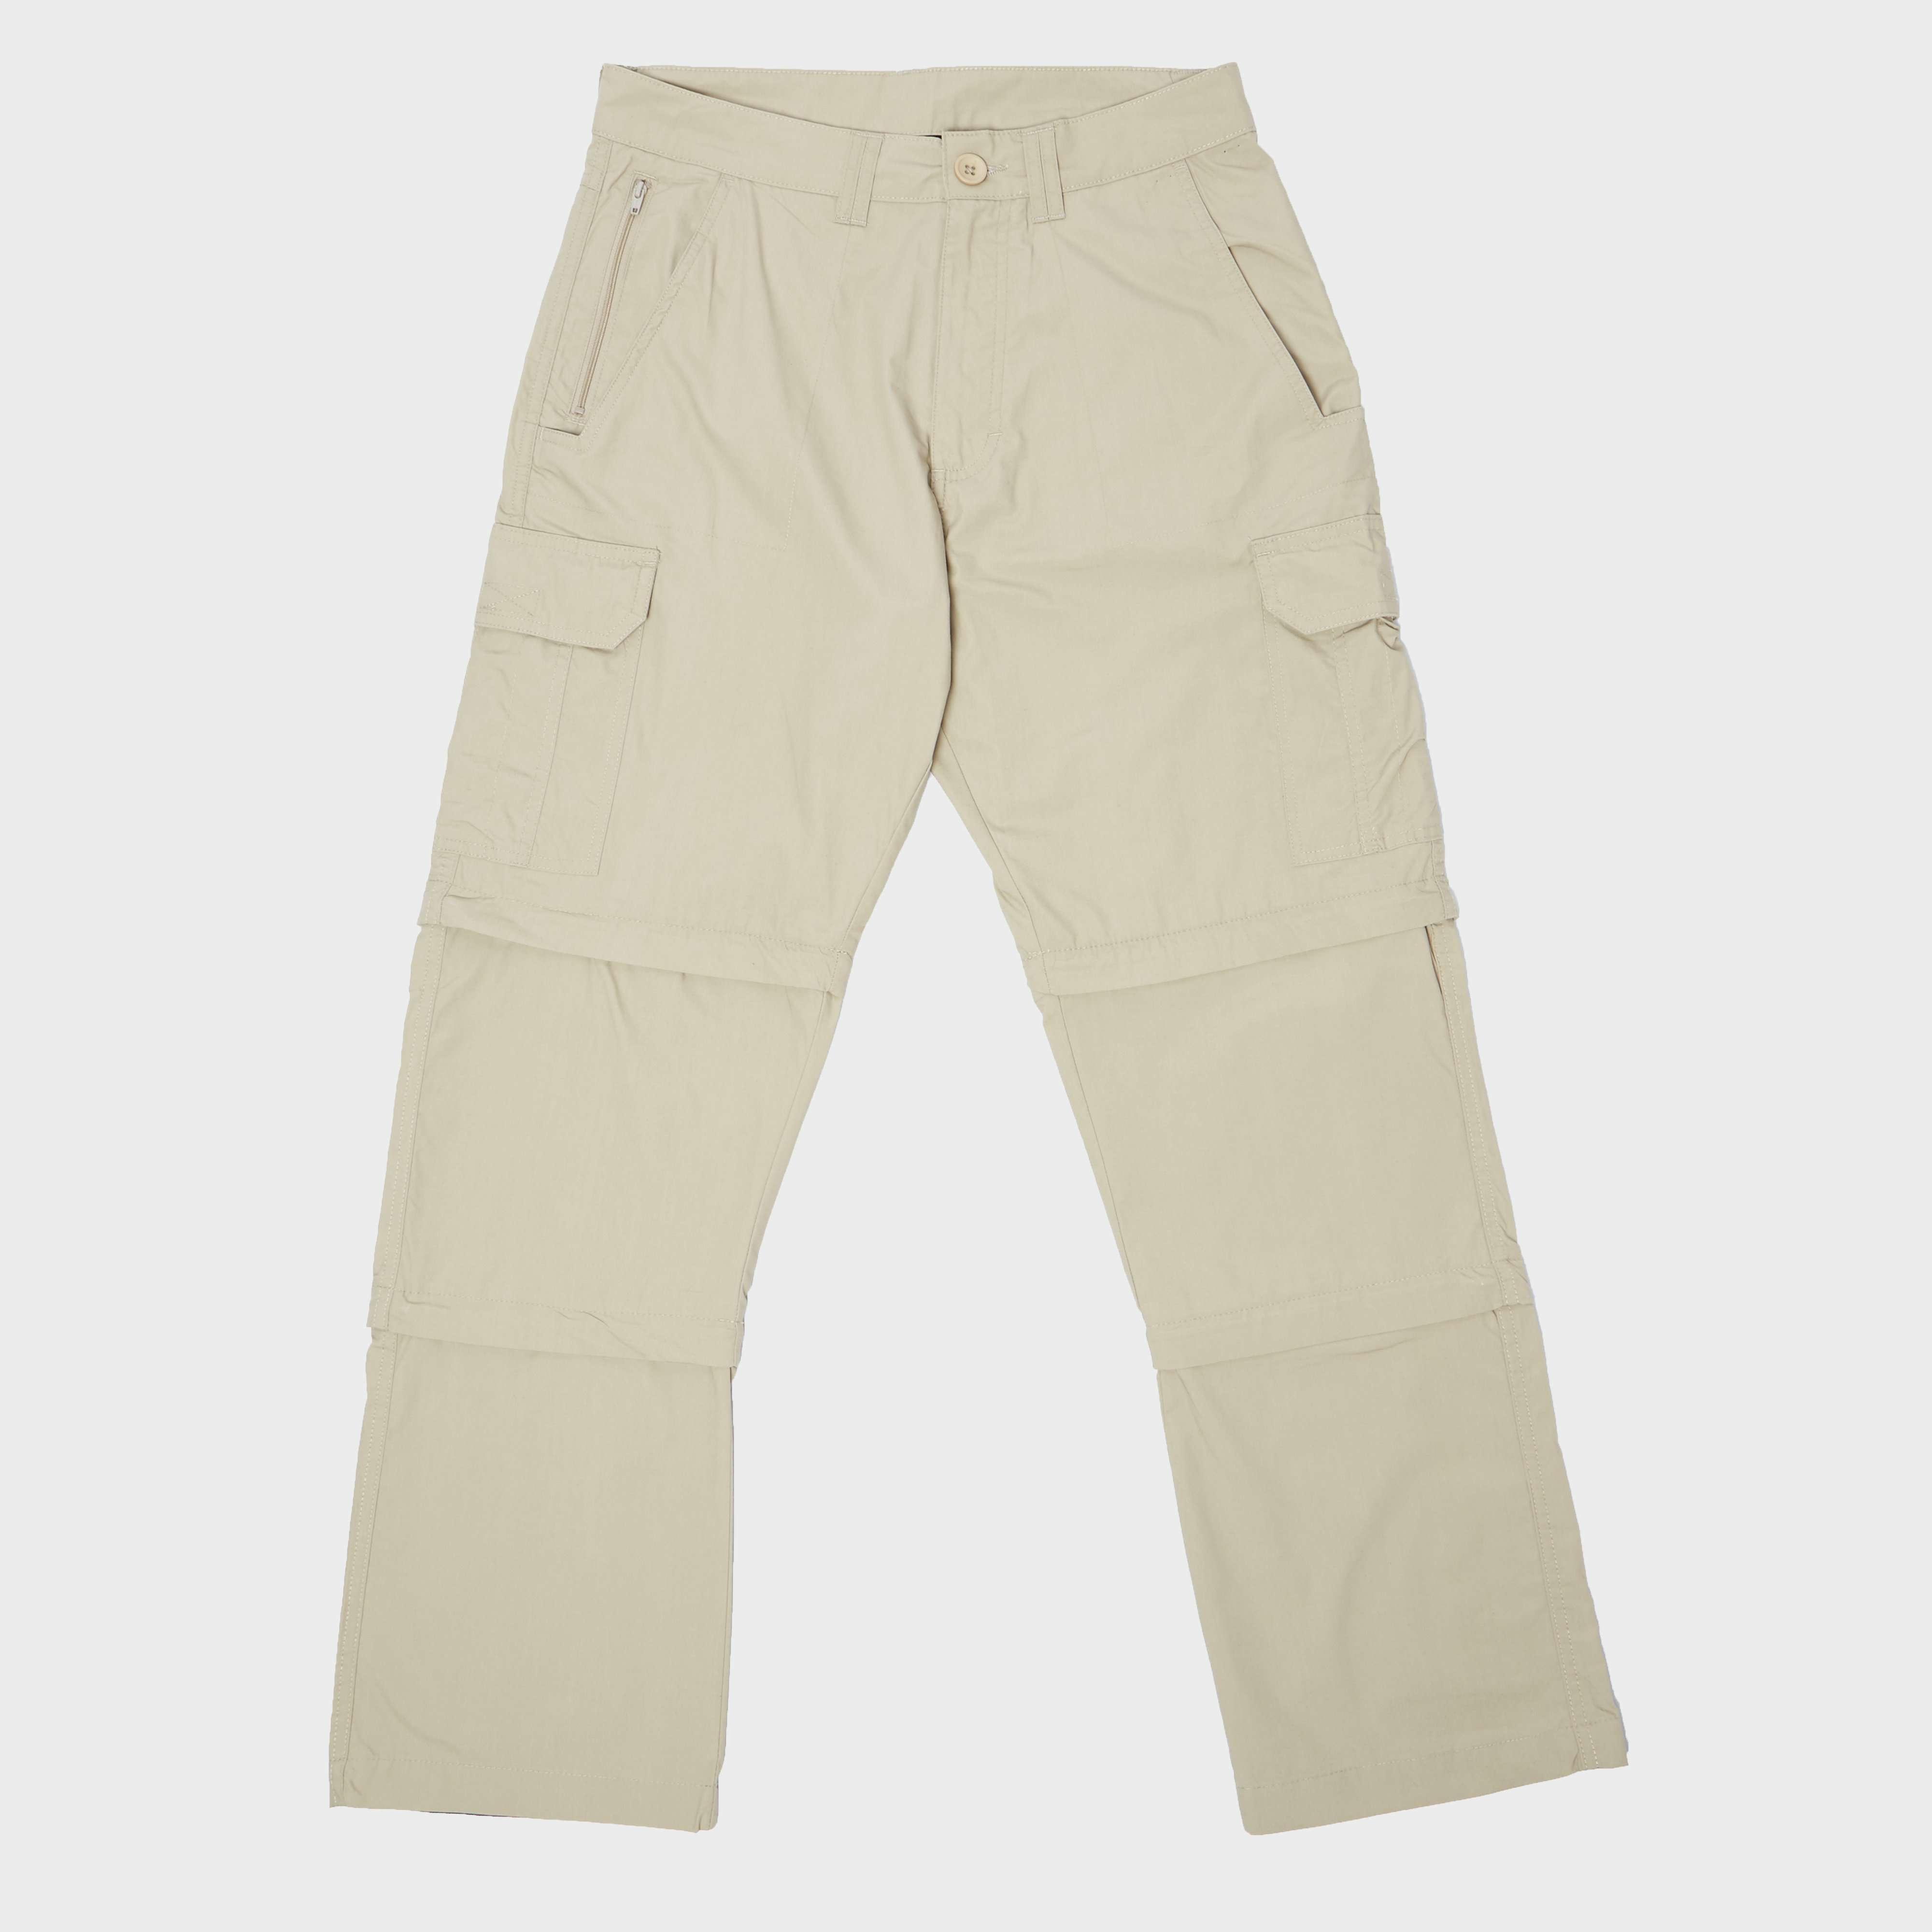 PETER STORM Men's Ramble Double Zip-Off Trousers (Short)